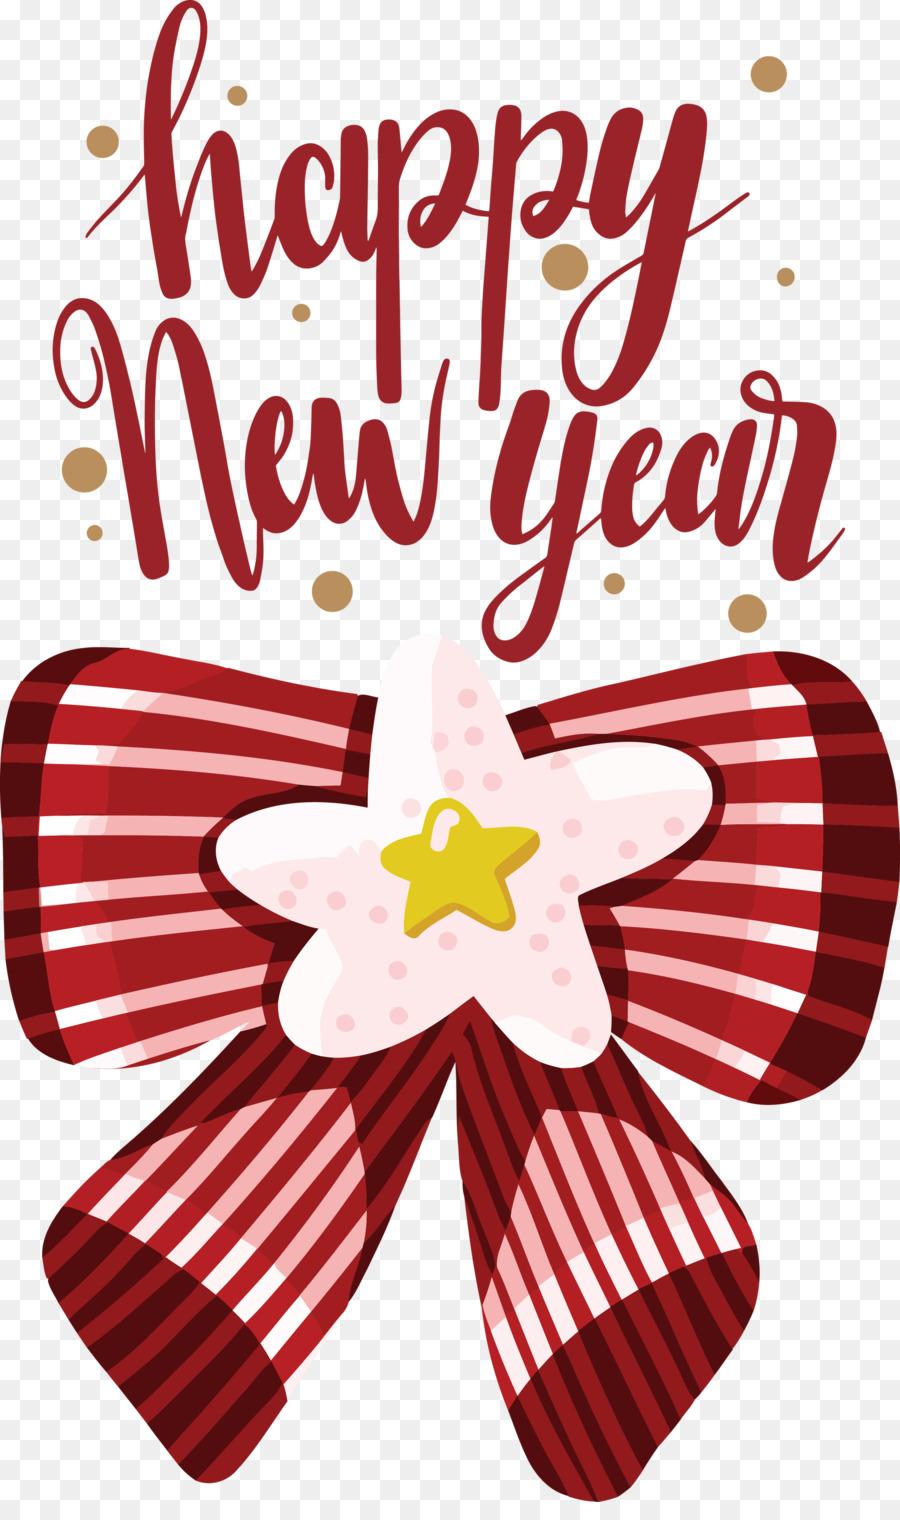 Descarga gratuita de La Víspera De Año Nuevo, El Día De Año Nuevo, Año Nuevo Imágen de Png